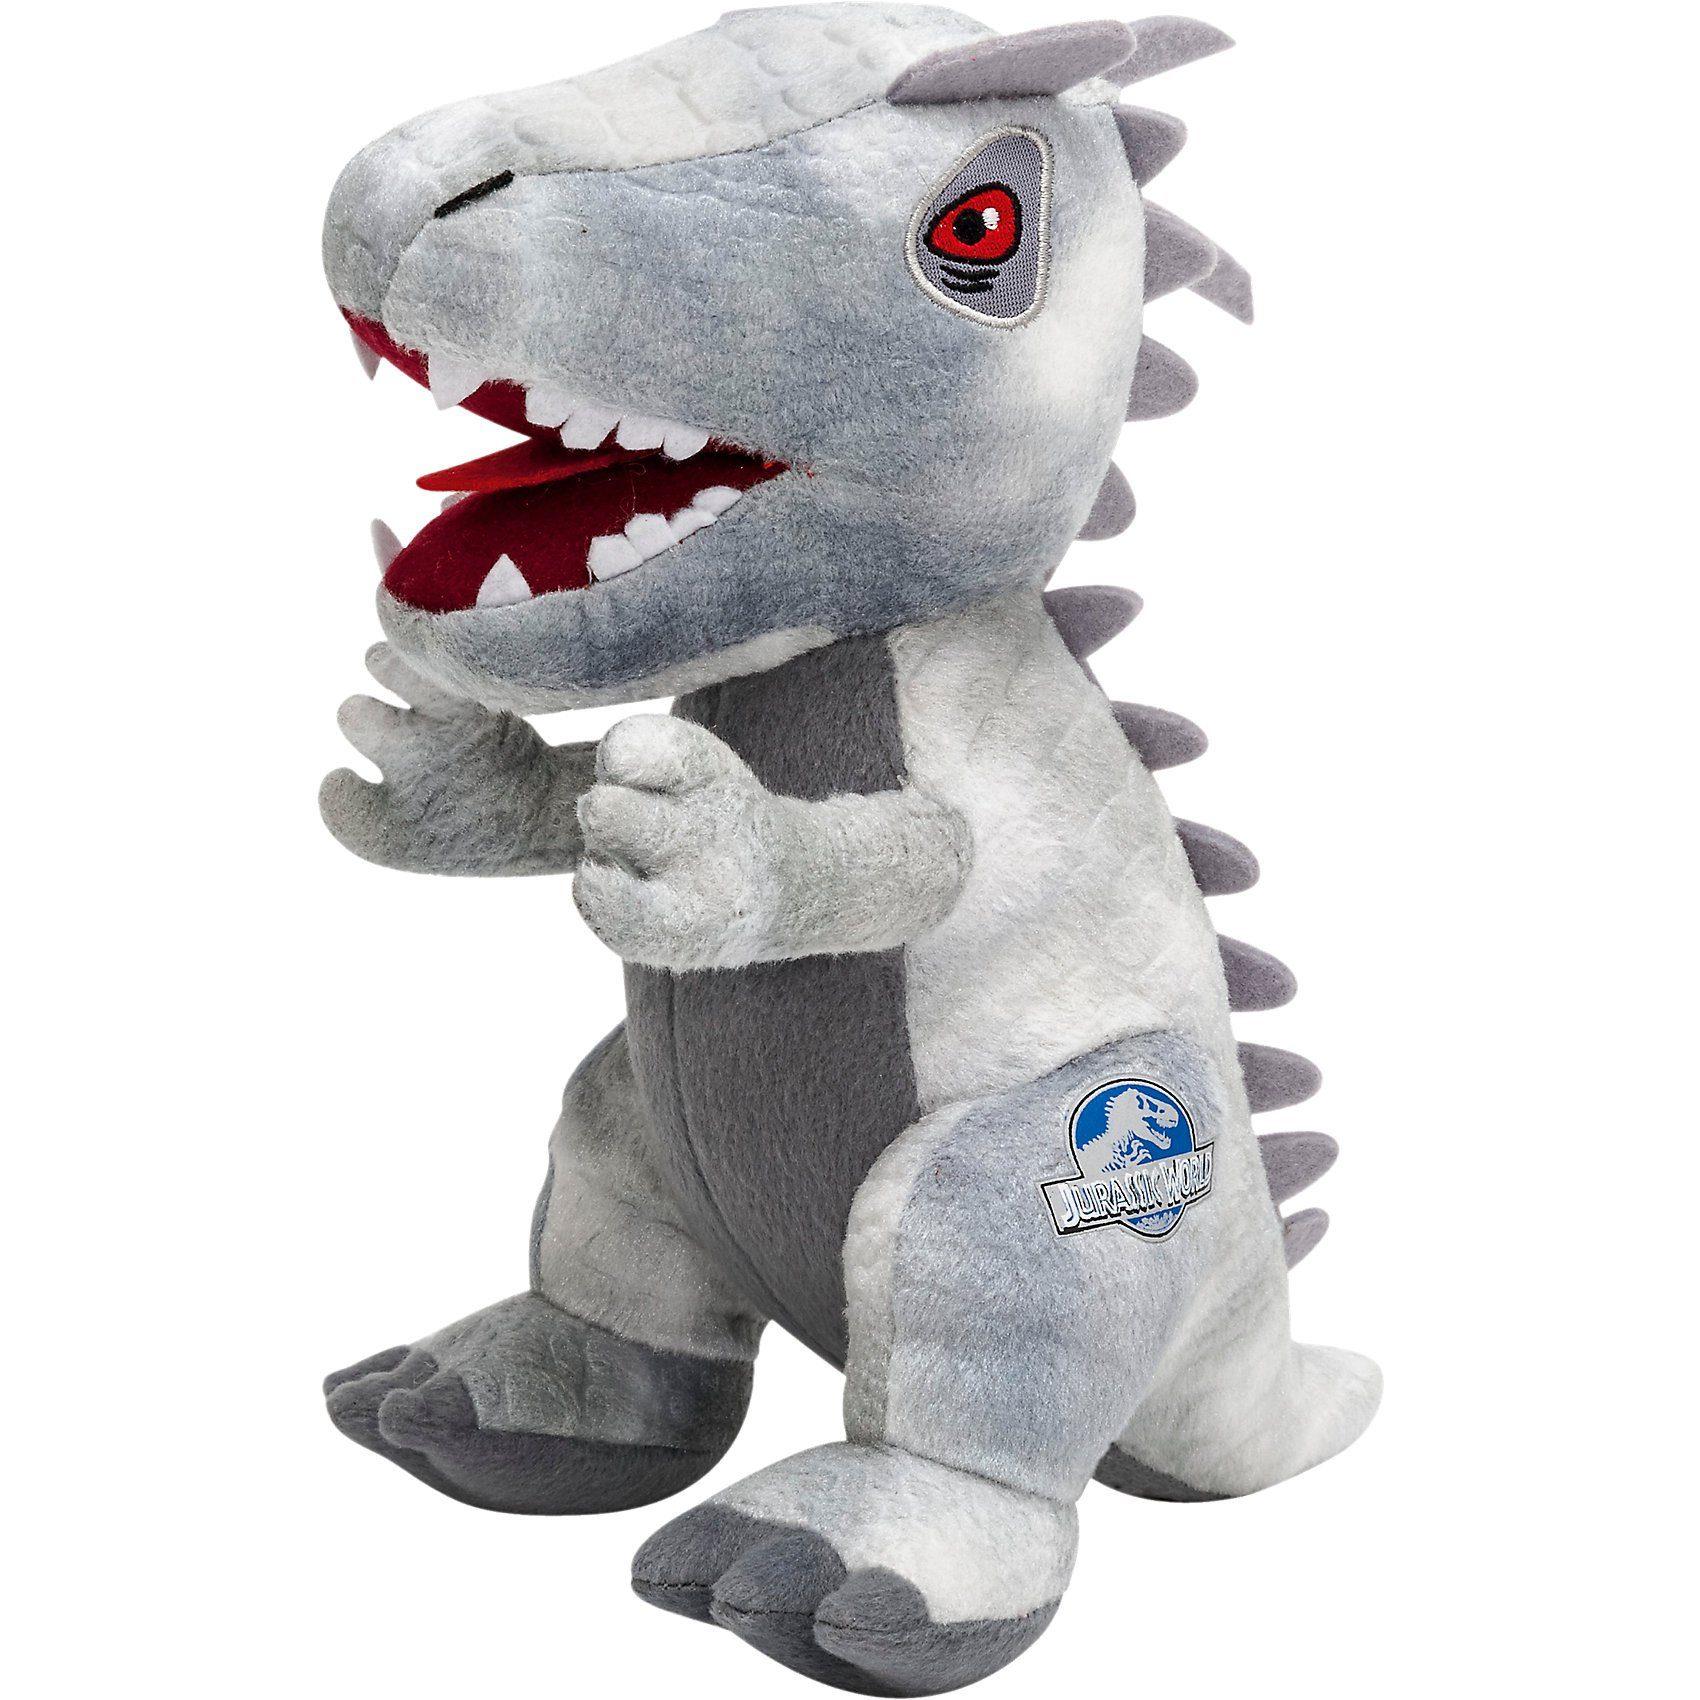 JOY TOY Plüschtier Indominus Rex, 27 cm